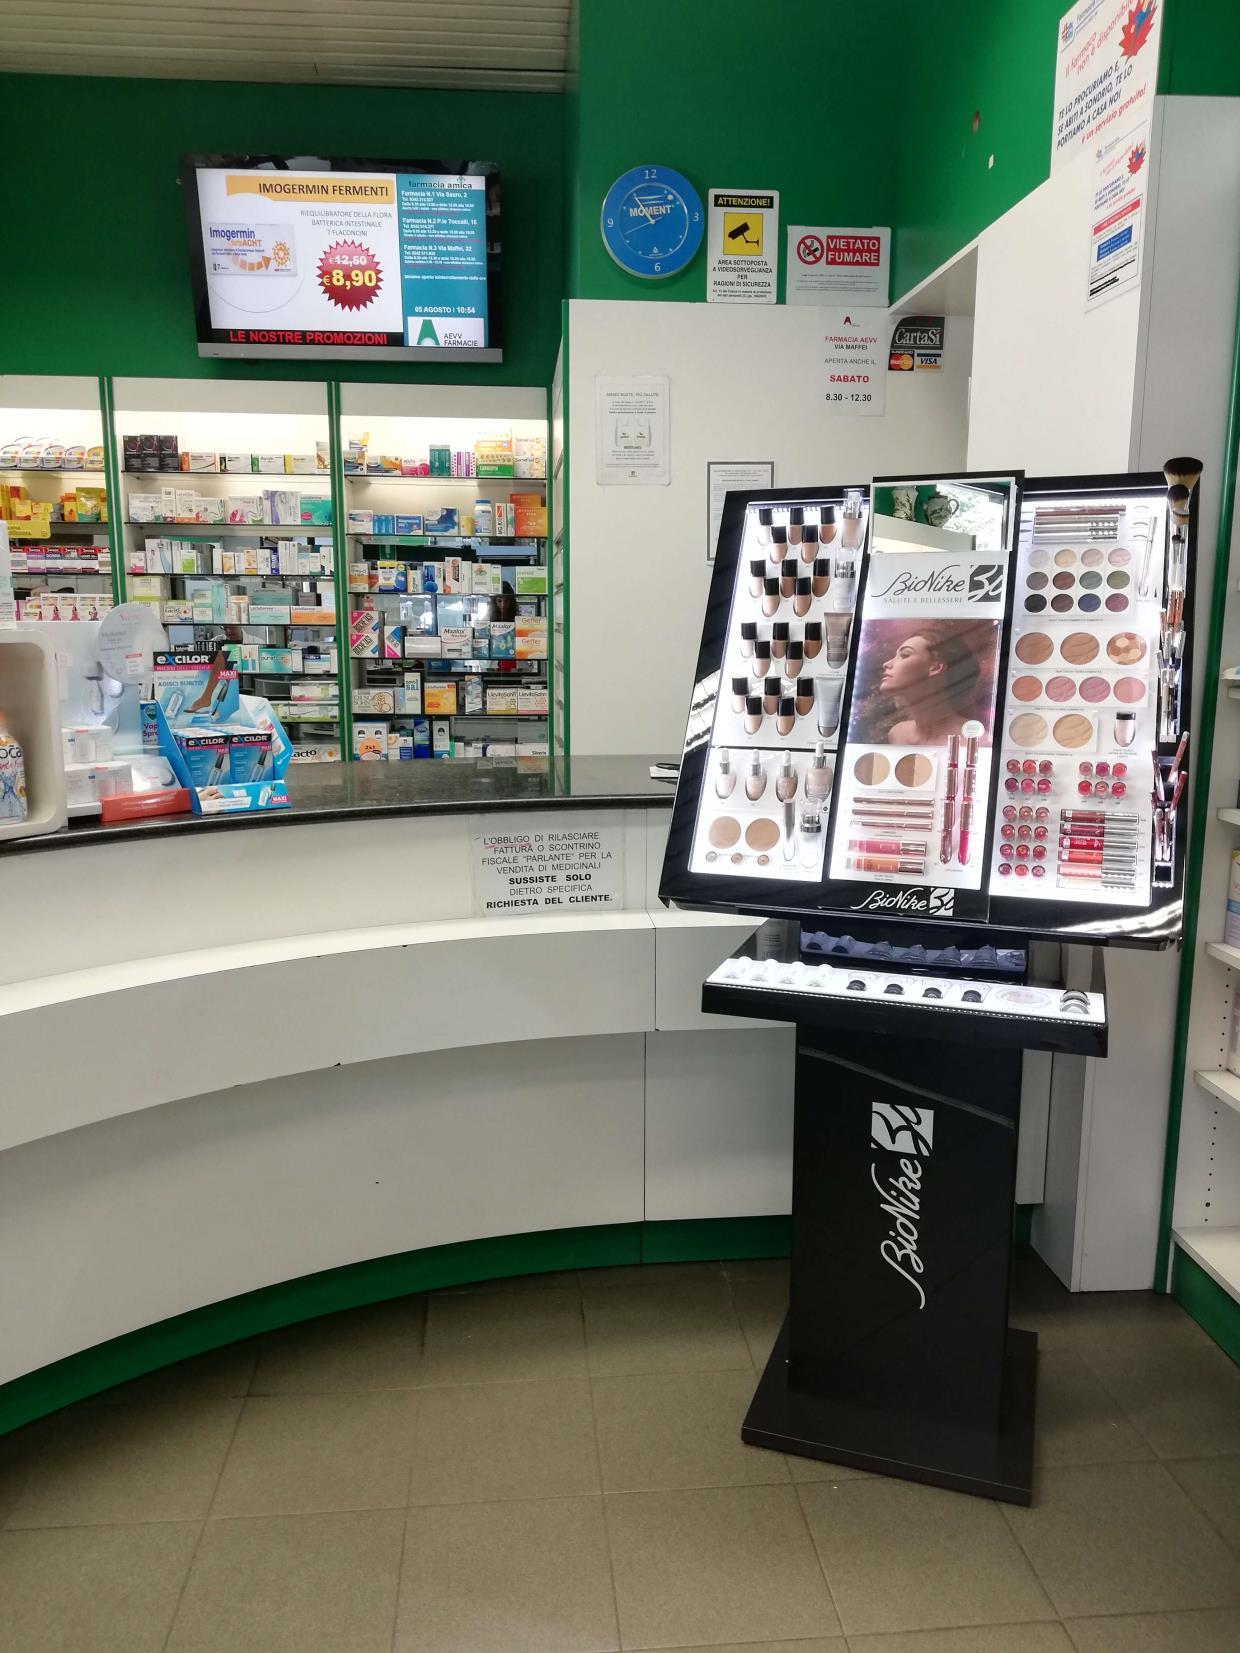 prodotti naturali farmacia sondrio